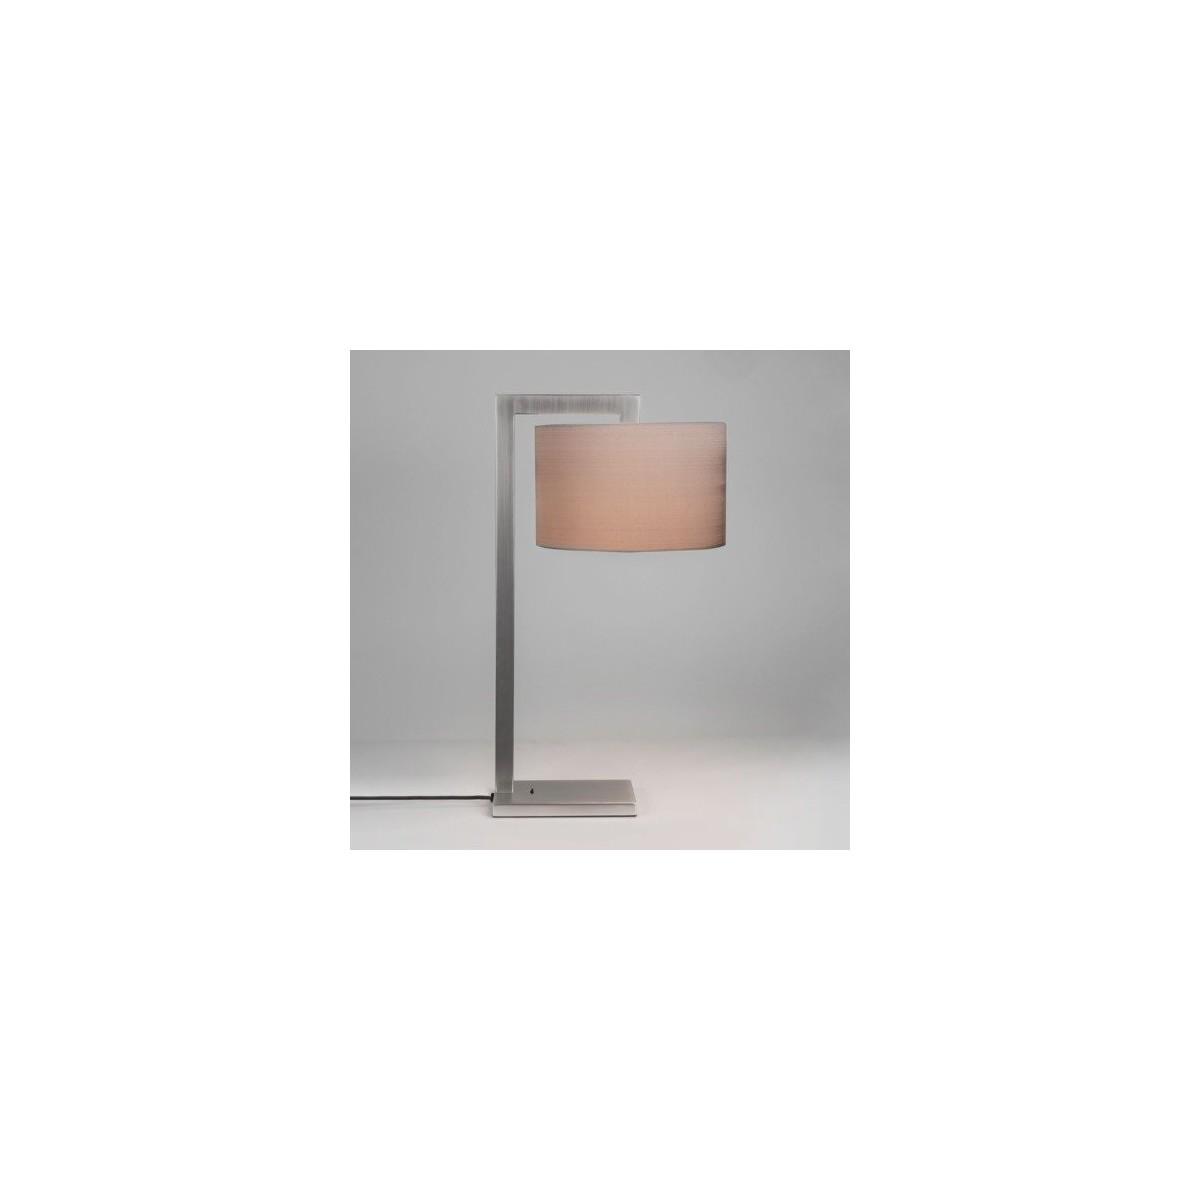 Astro Ravello Table Stołowa 1x60W Max E27 Matowy Nikiel 1222008